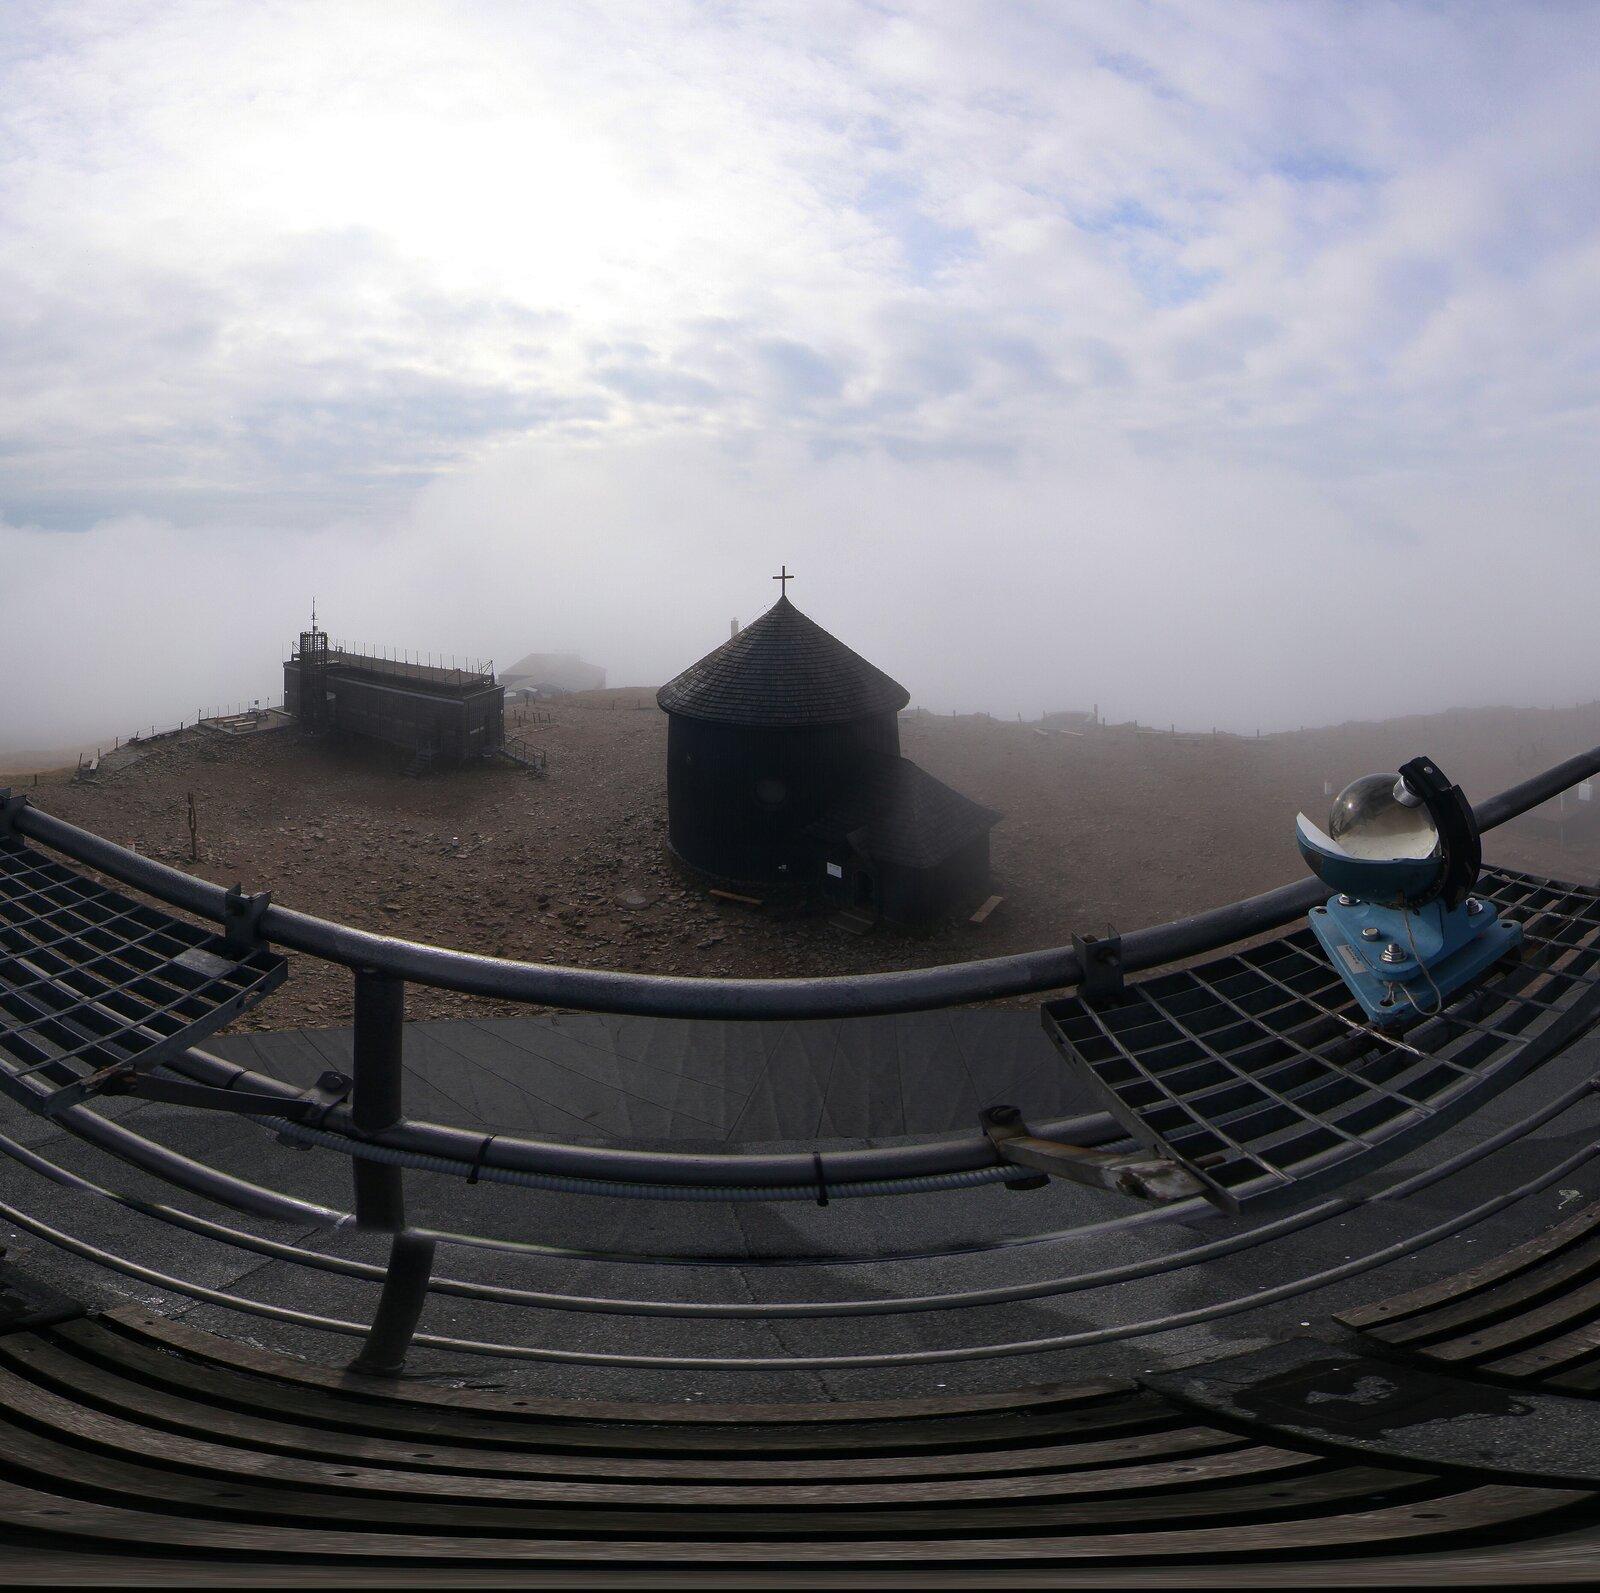 Wirtualna panorama - Śnieżka